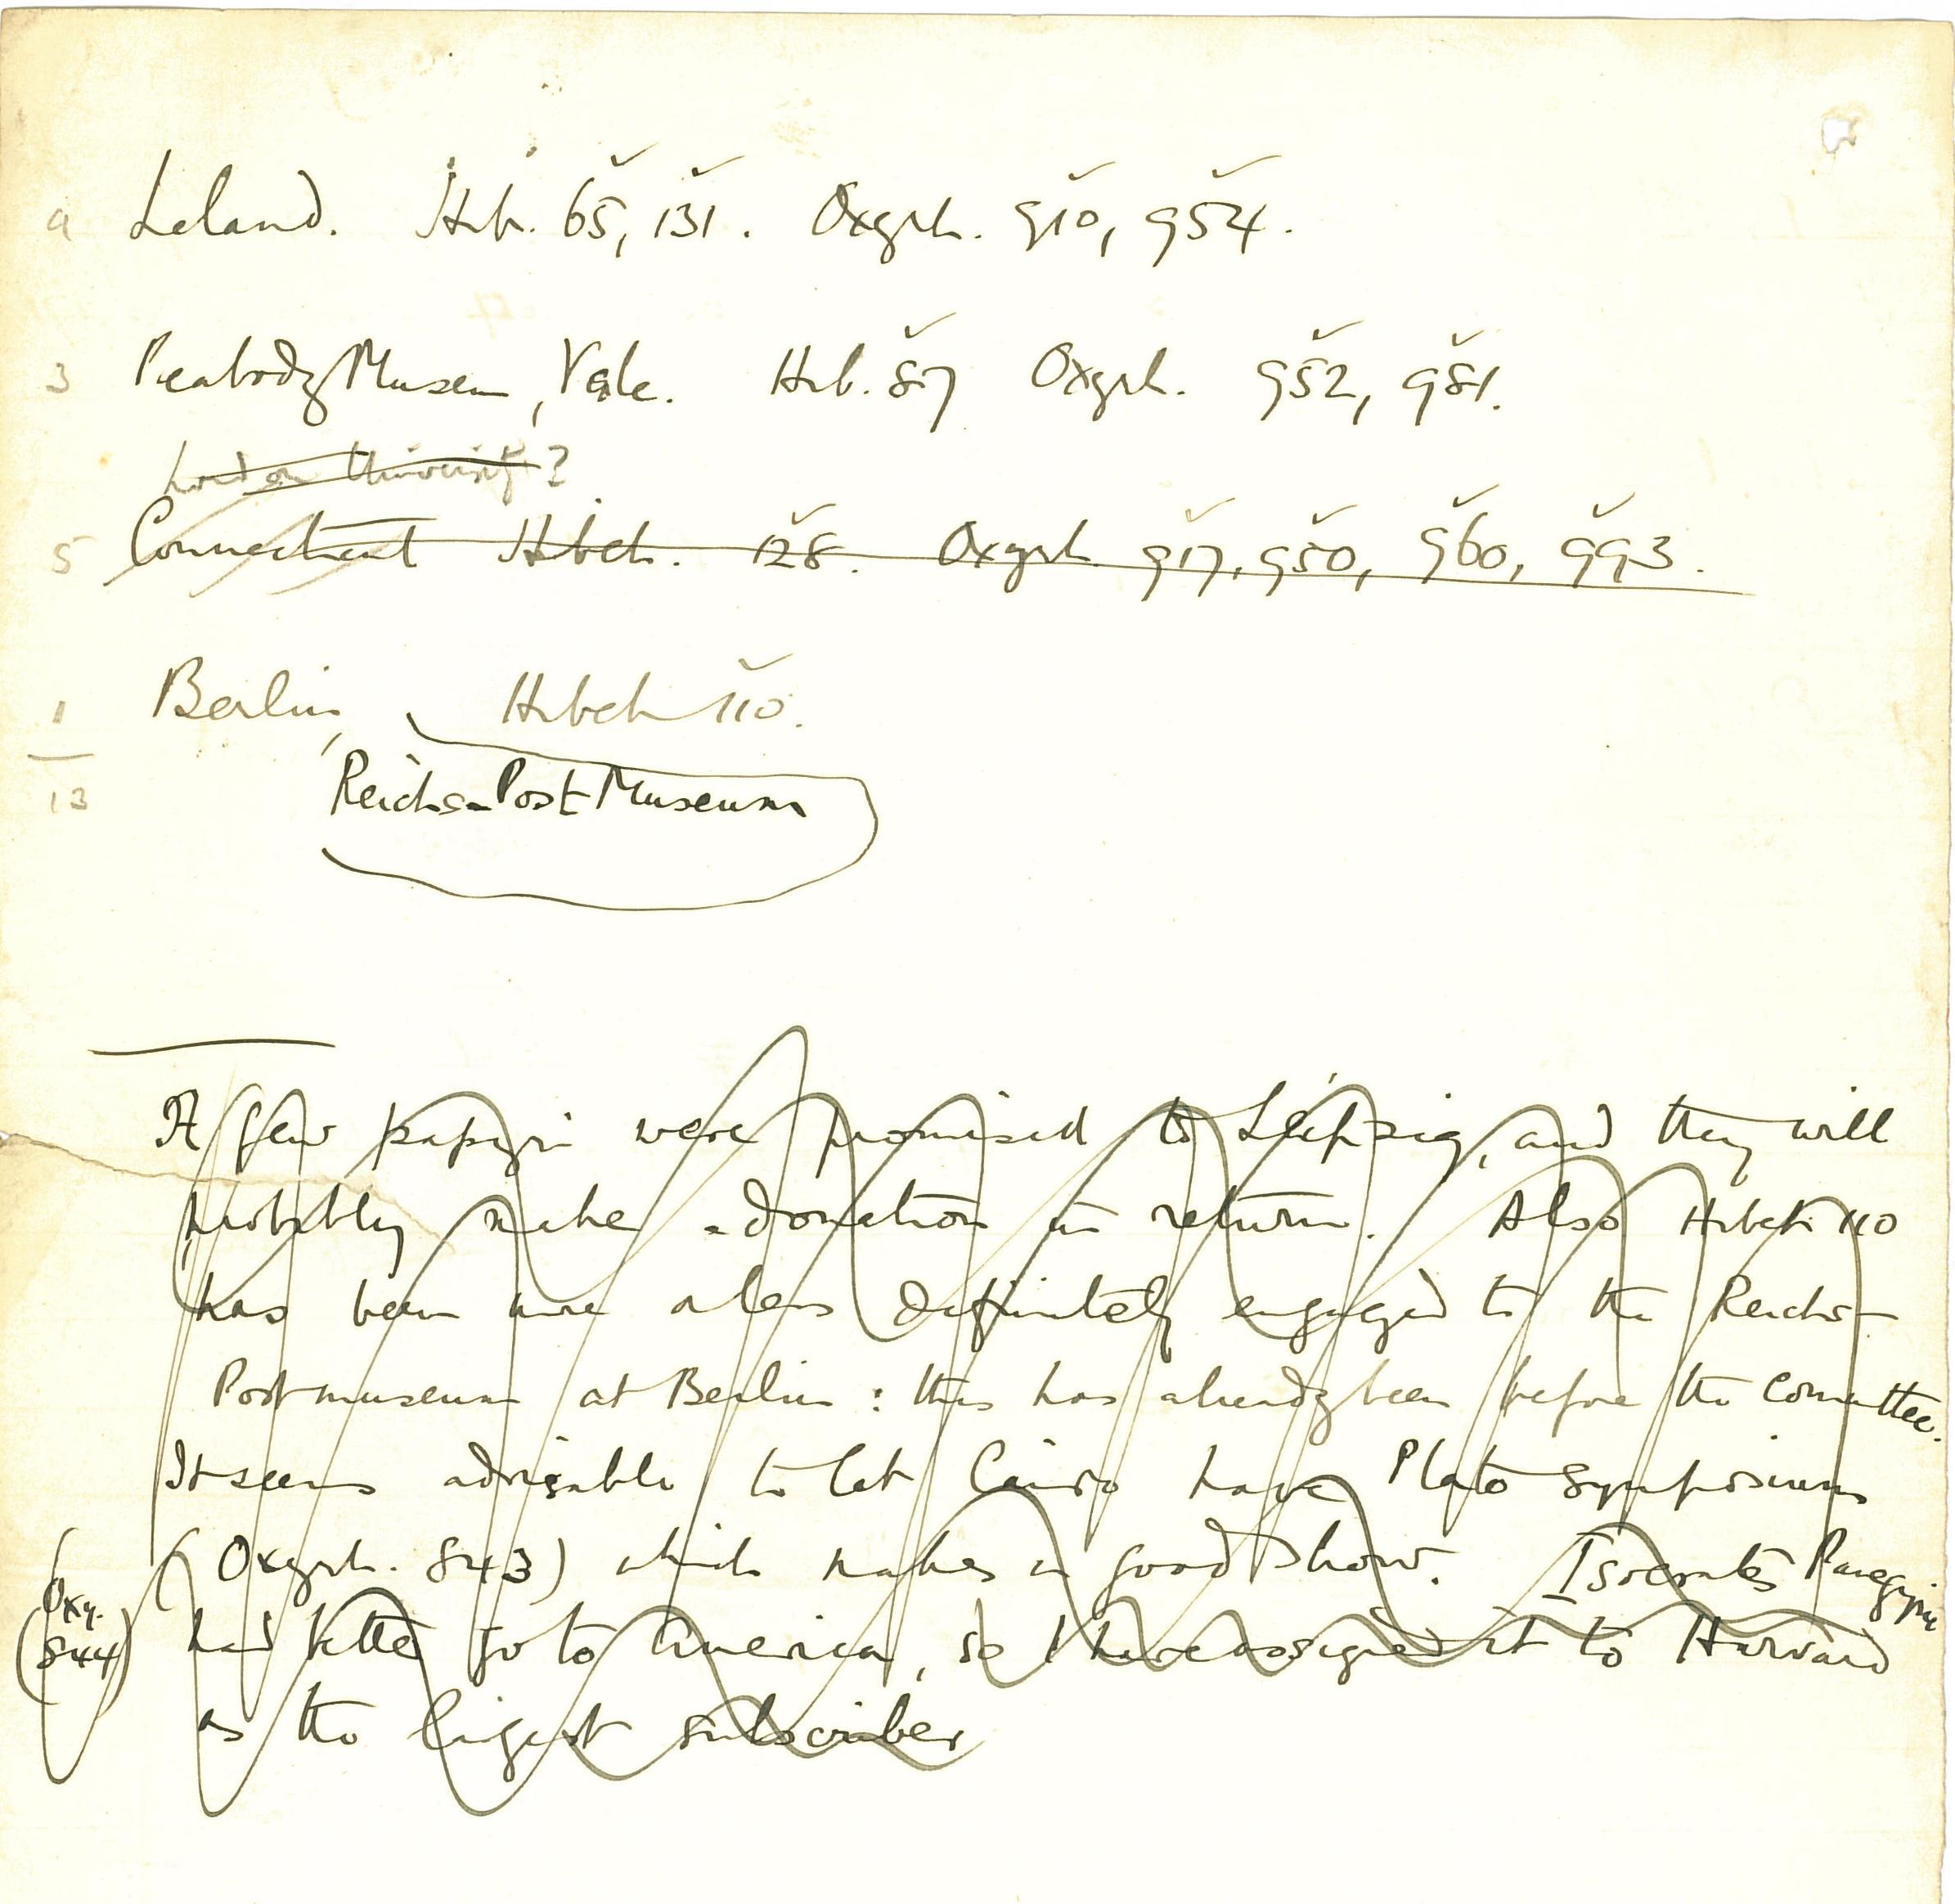 1908-13 Papyri DIST.32.09b